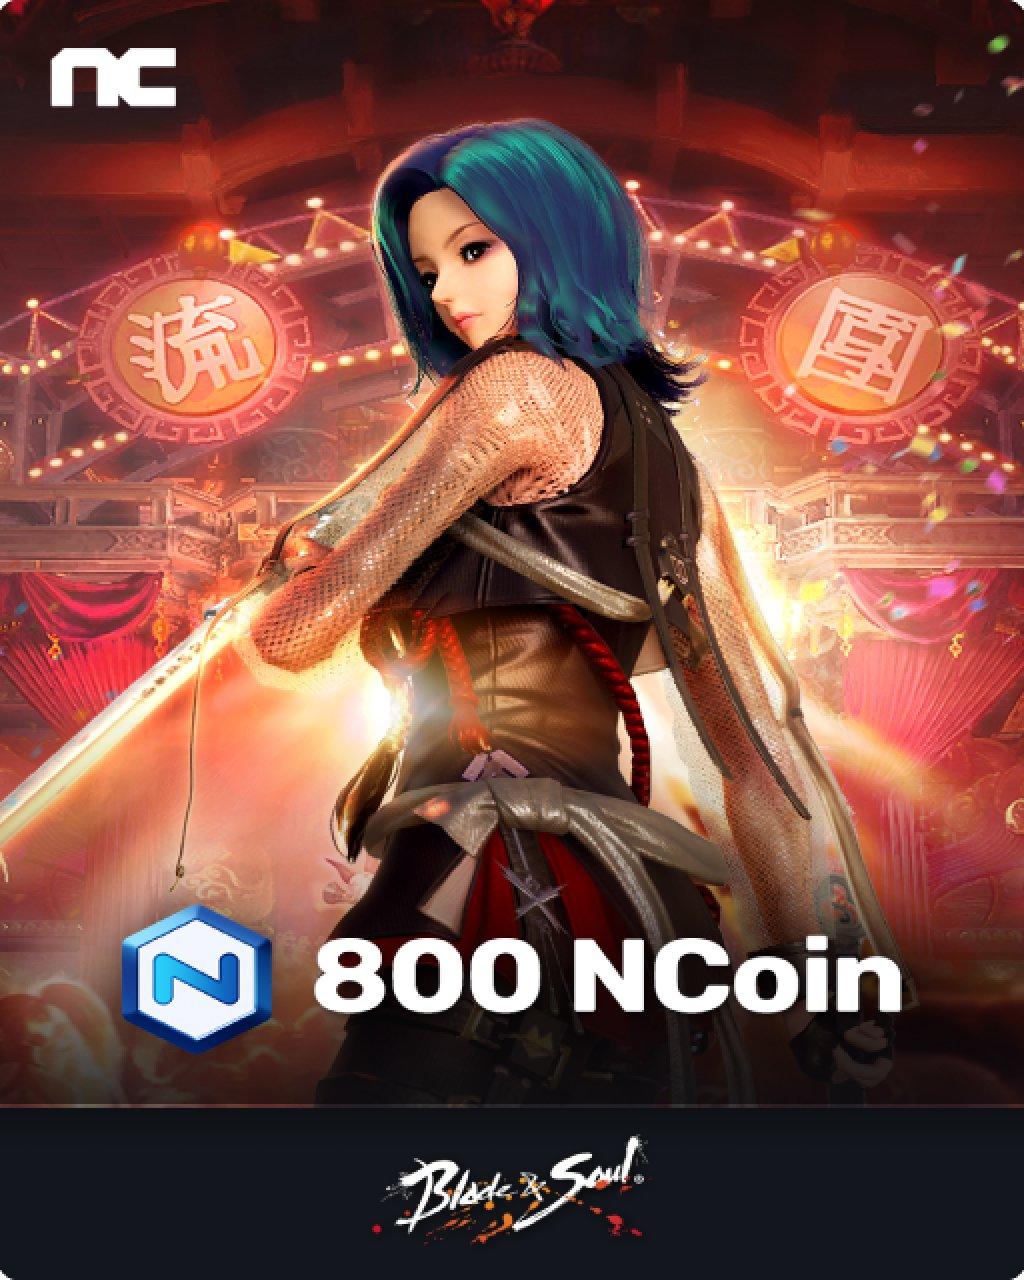 NCoin 800